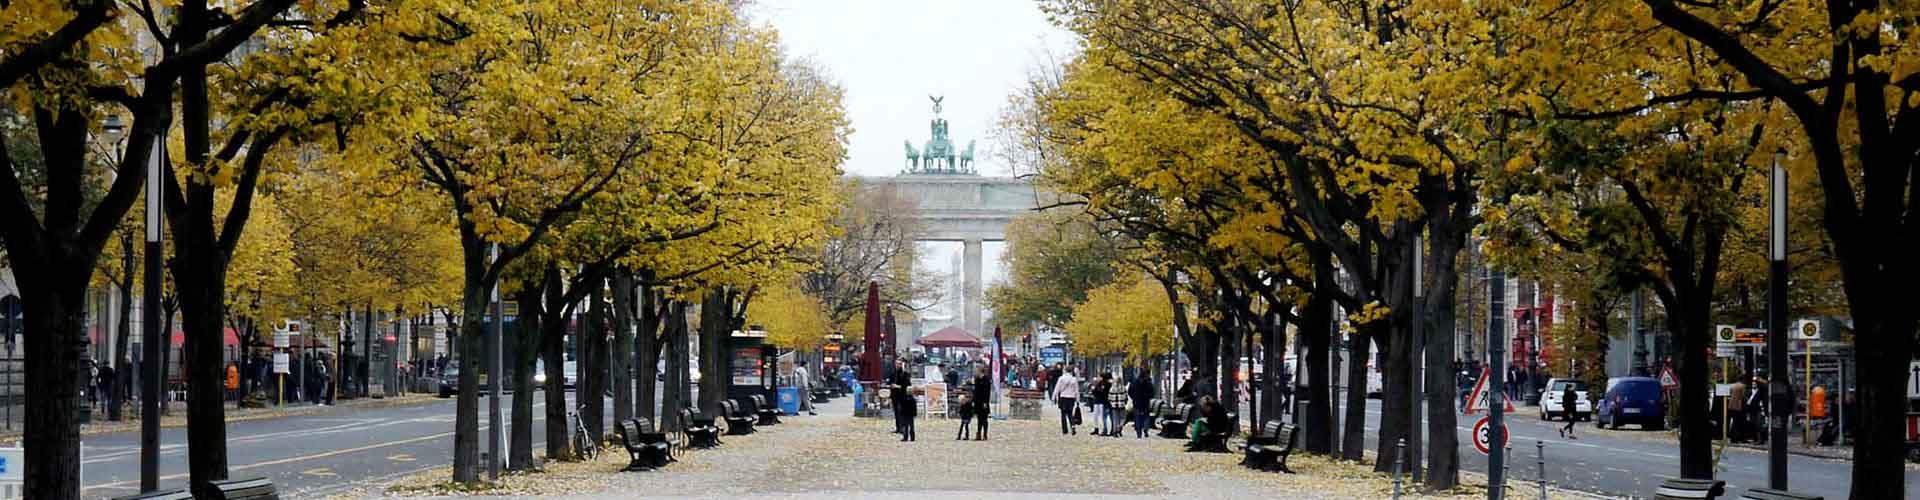 Berlim – Albergues próximos a Unter den Linden. Mapas para Berlim, Fotos e Avaliações para cada Albergue em Berlim.